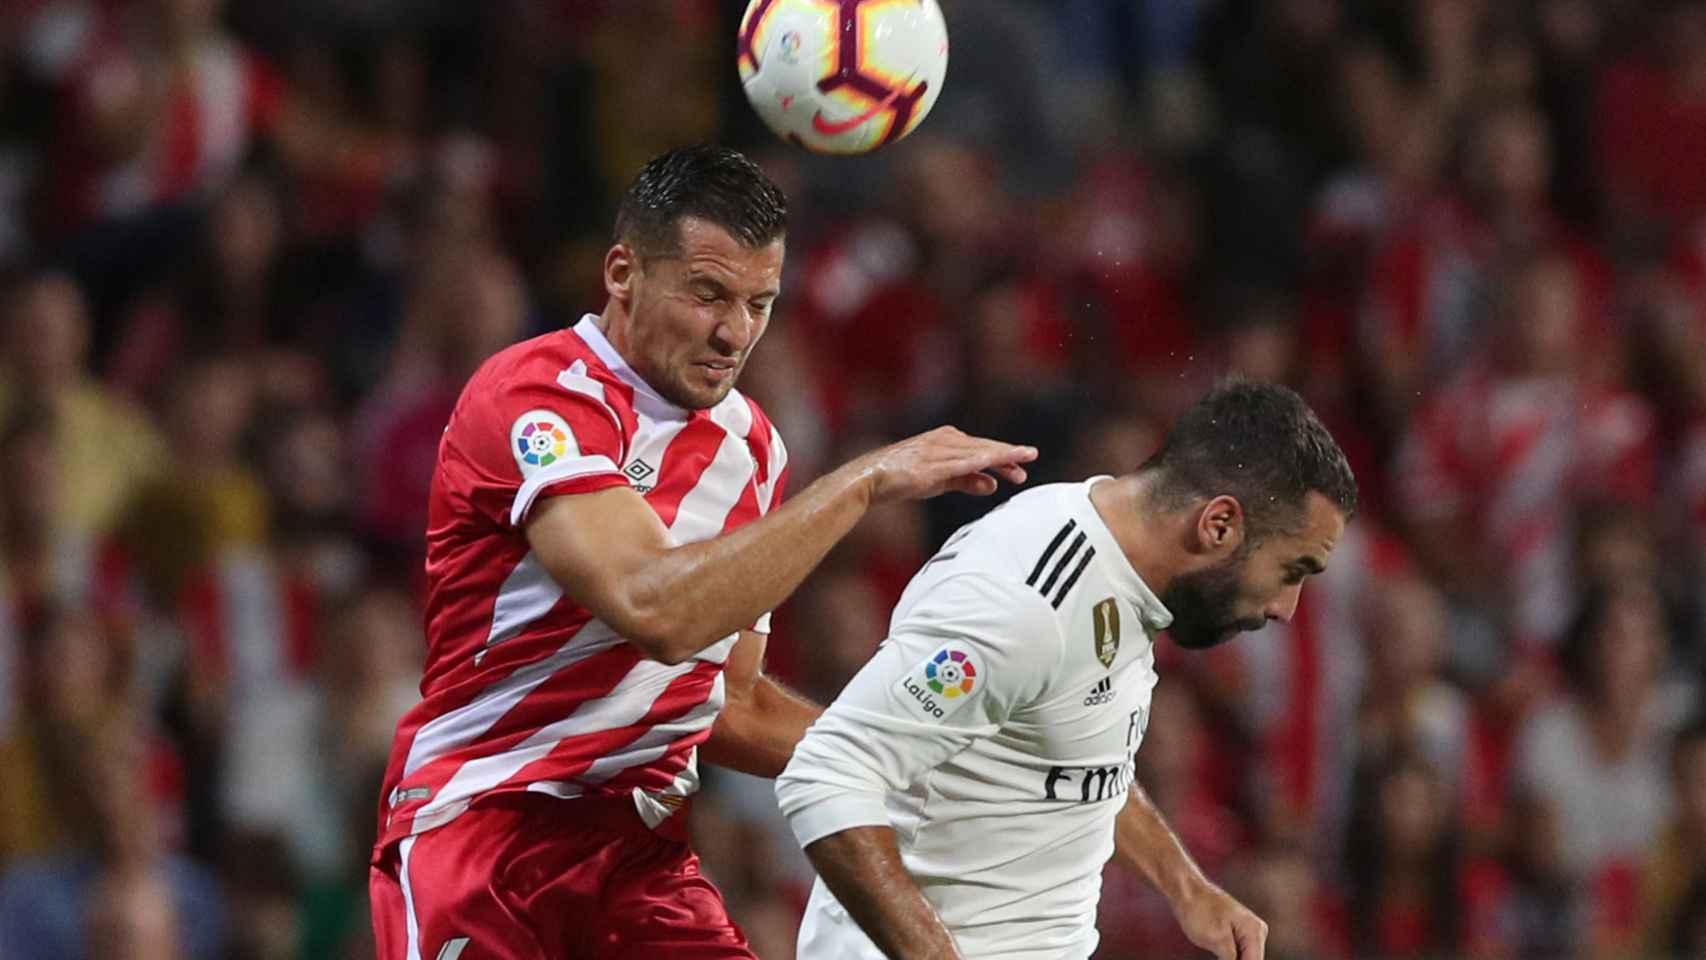 Carvajal salta para rematar un balón ante un jugador del Girona